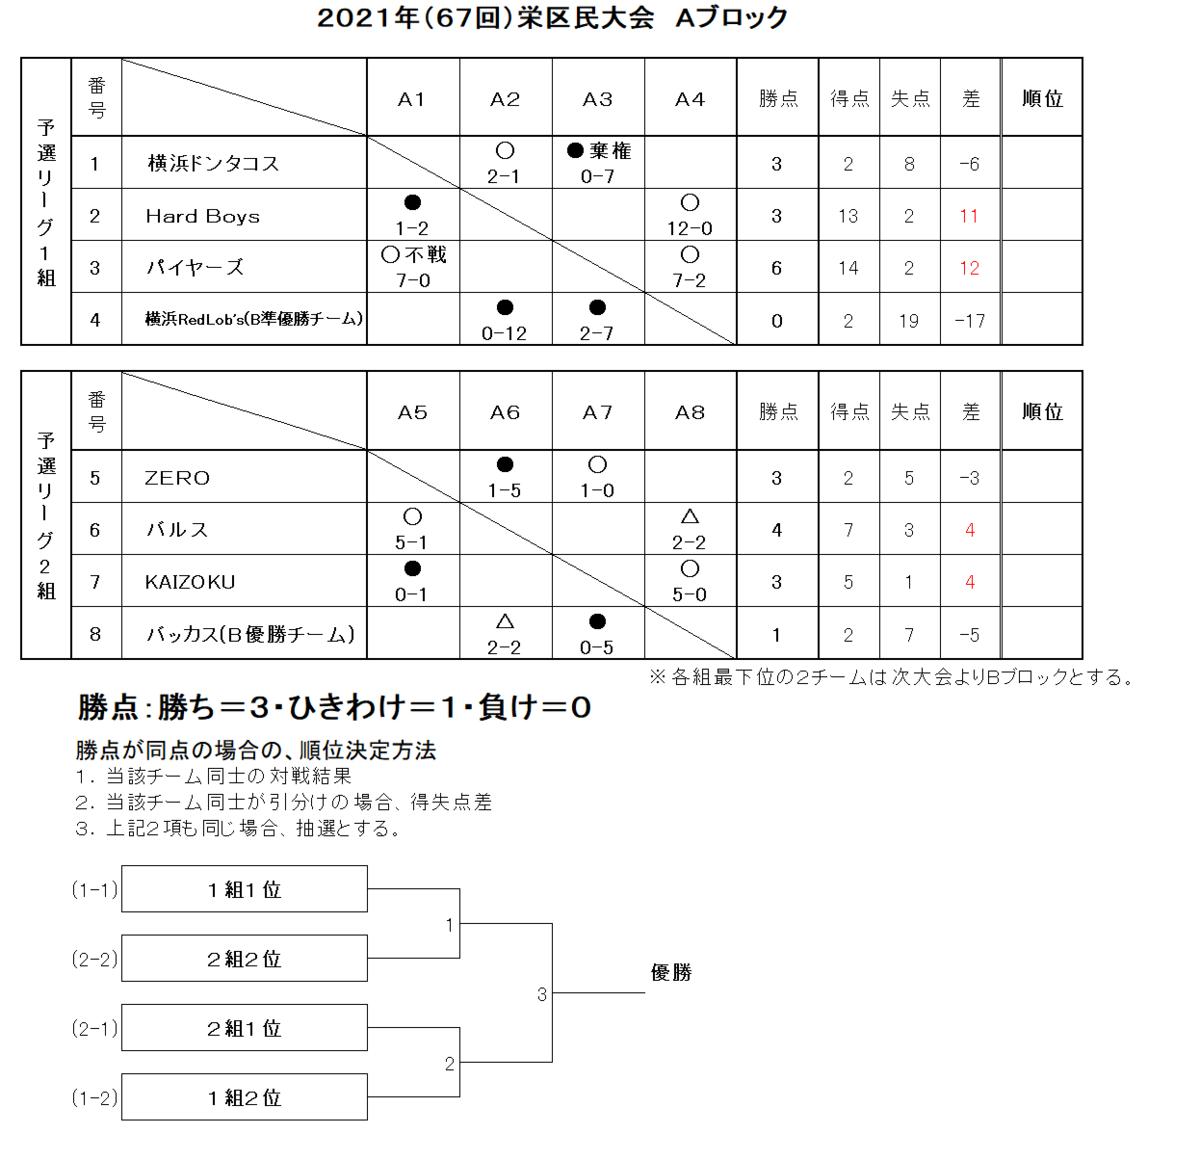 f:id:sakae-baseball:20210804194939p:plain